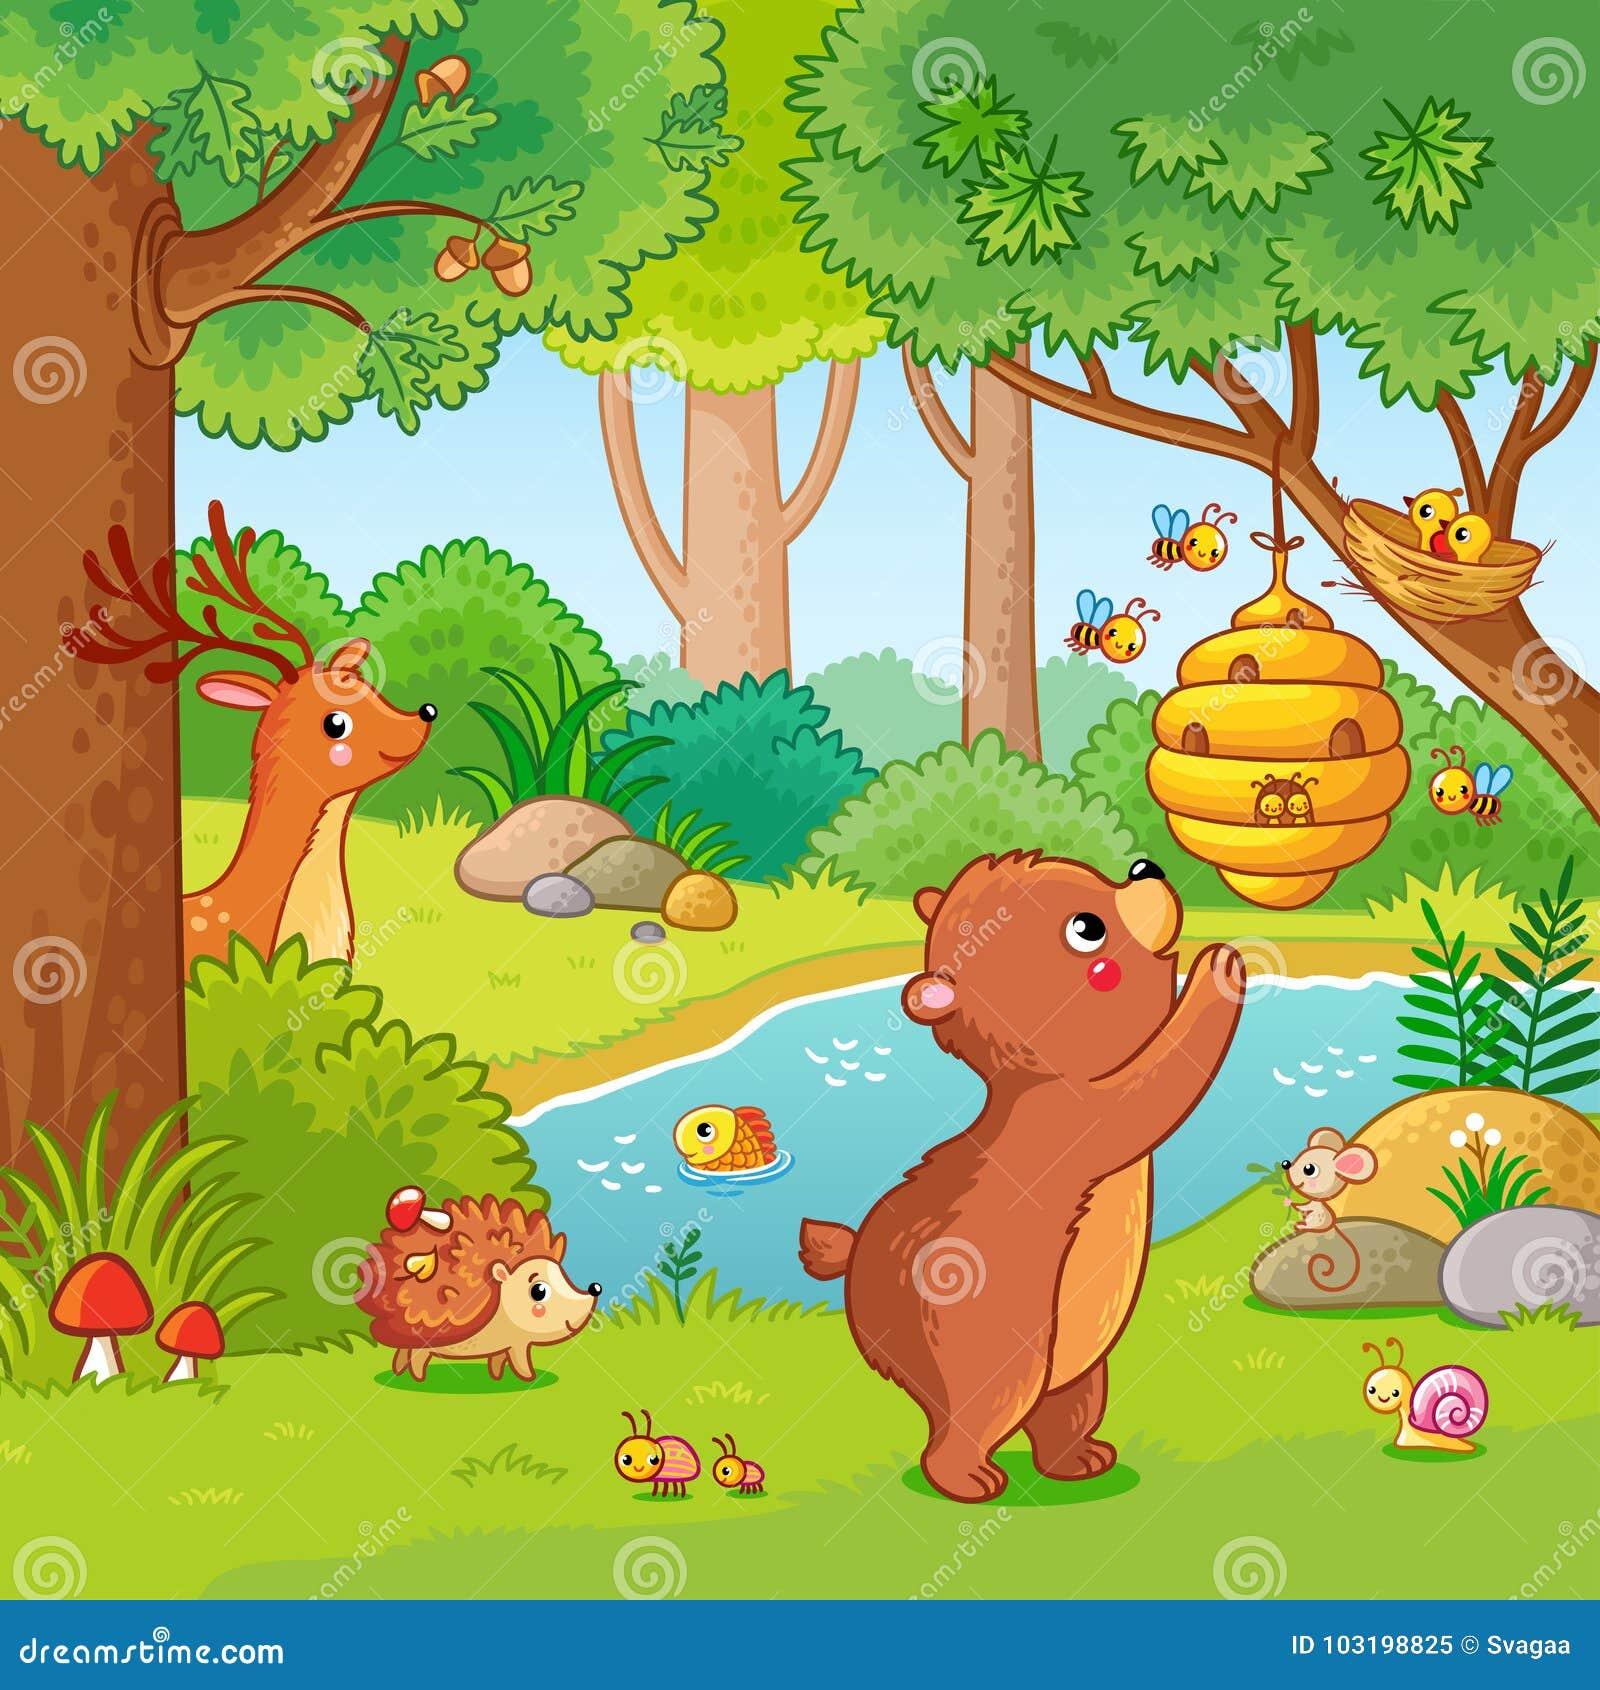 Wektorowa ilustracja z niedźwiedziem który chce miód